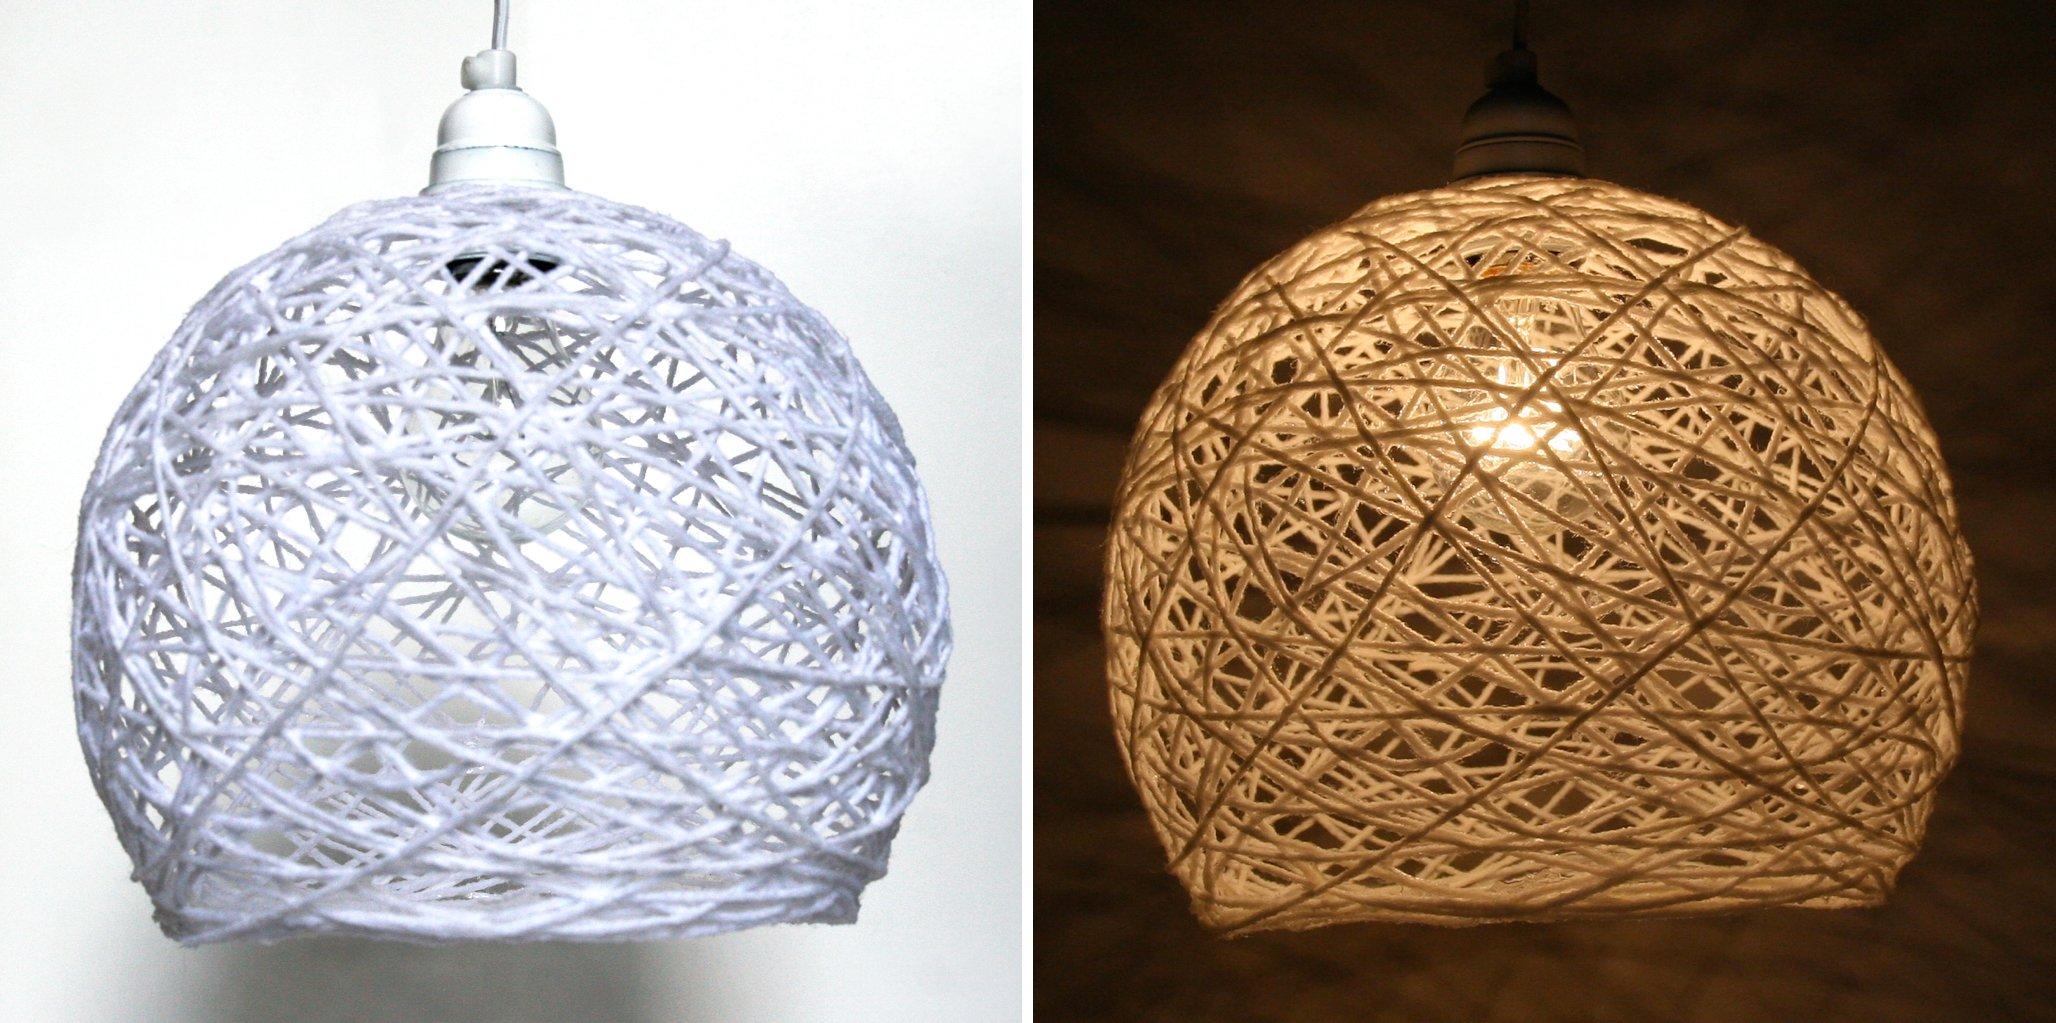 Светильник для кухни своими руками – 3 способа и идеи дизайна на их основе